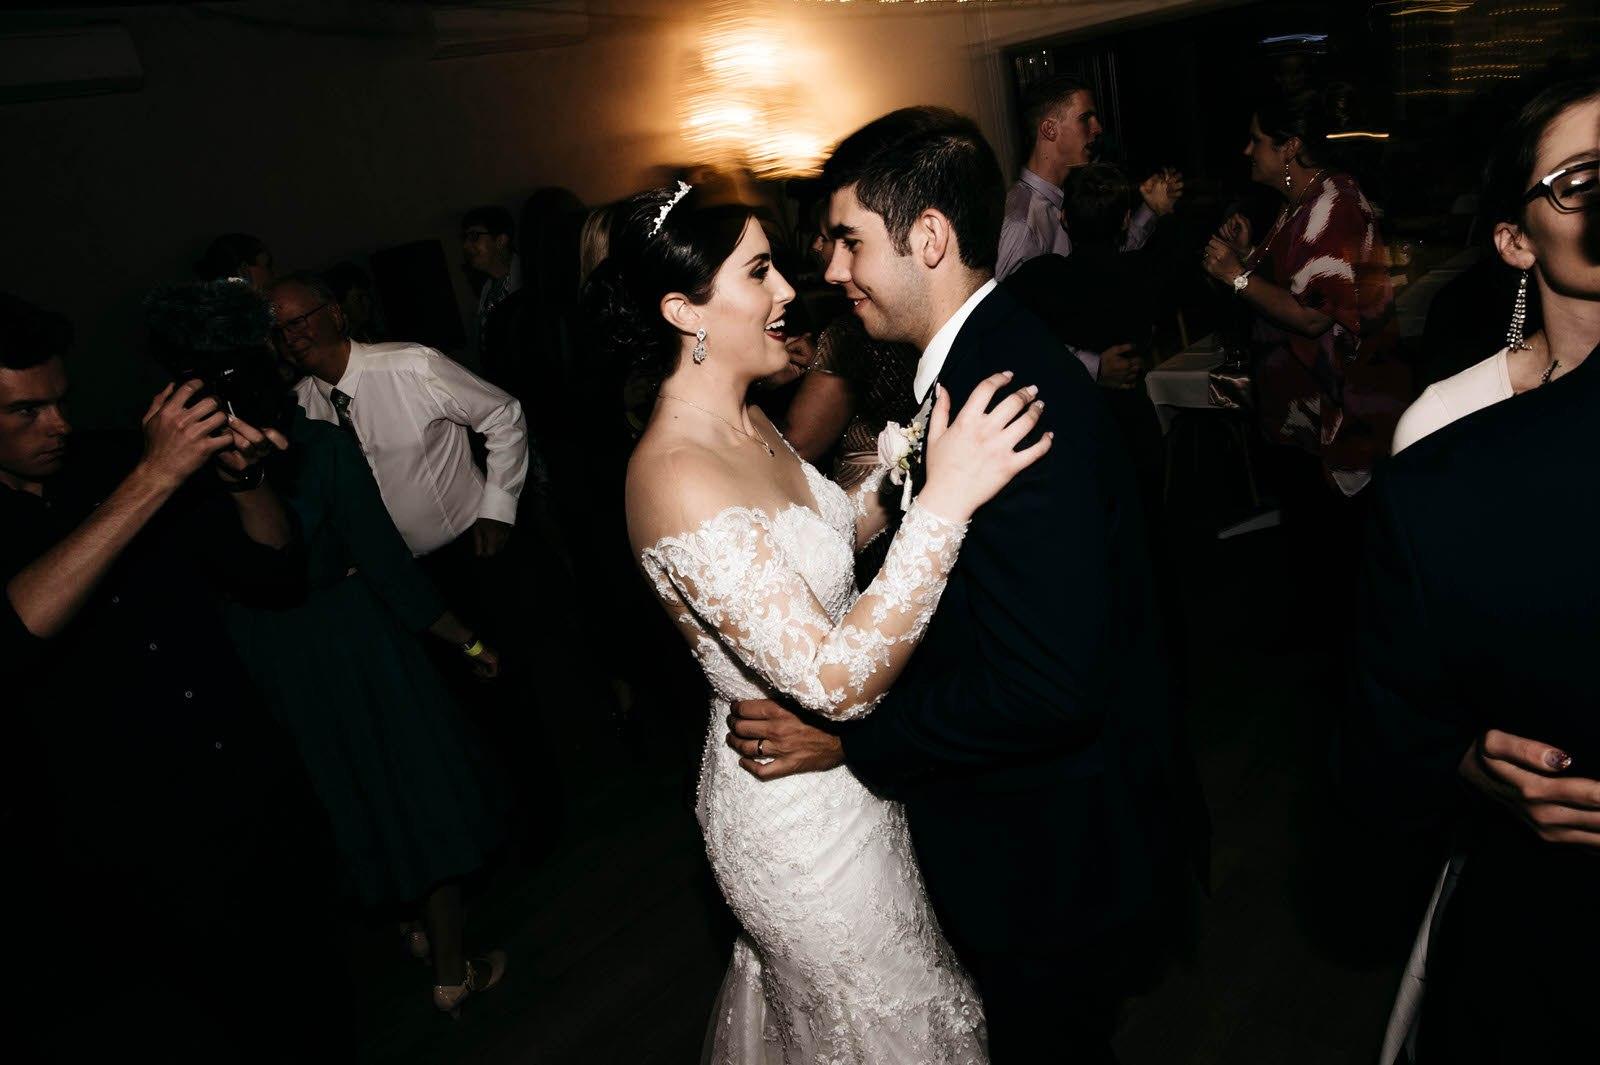 Wedding at Byron Bay golf club